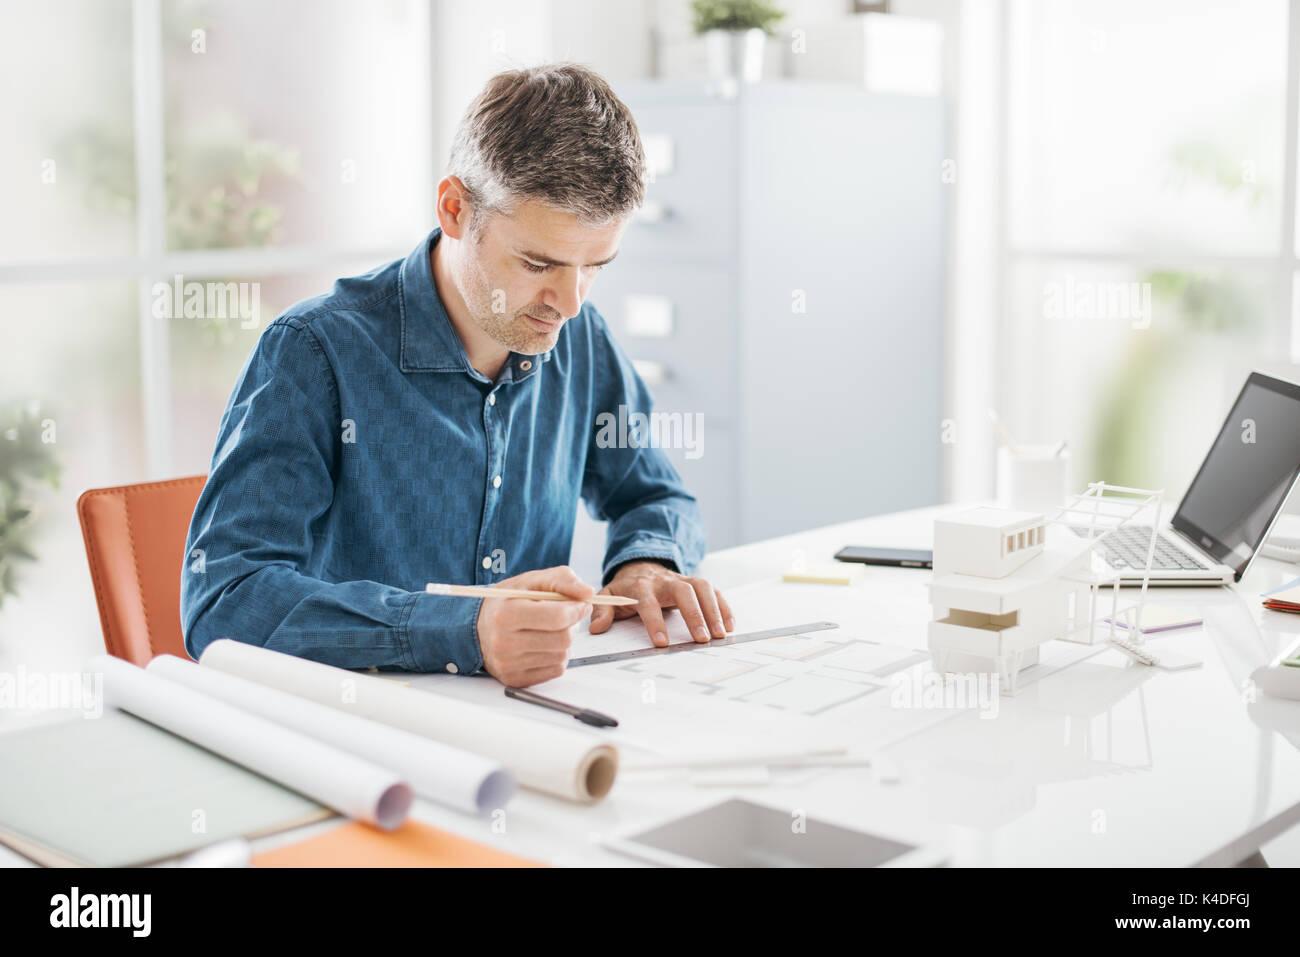 Regalo Per Architetto Femmina architetto professionista lavora alla scrivania in ufficio